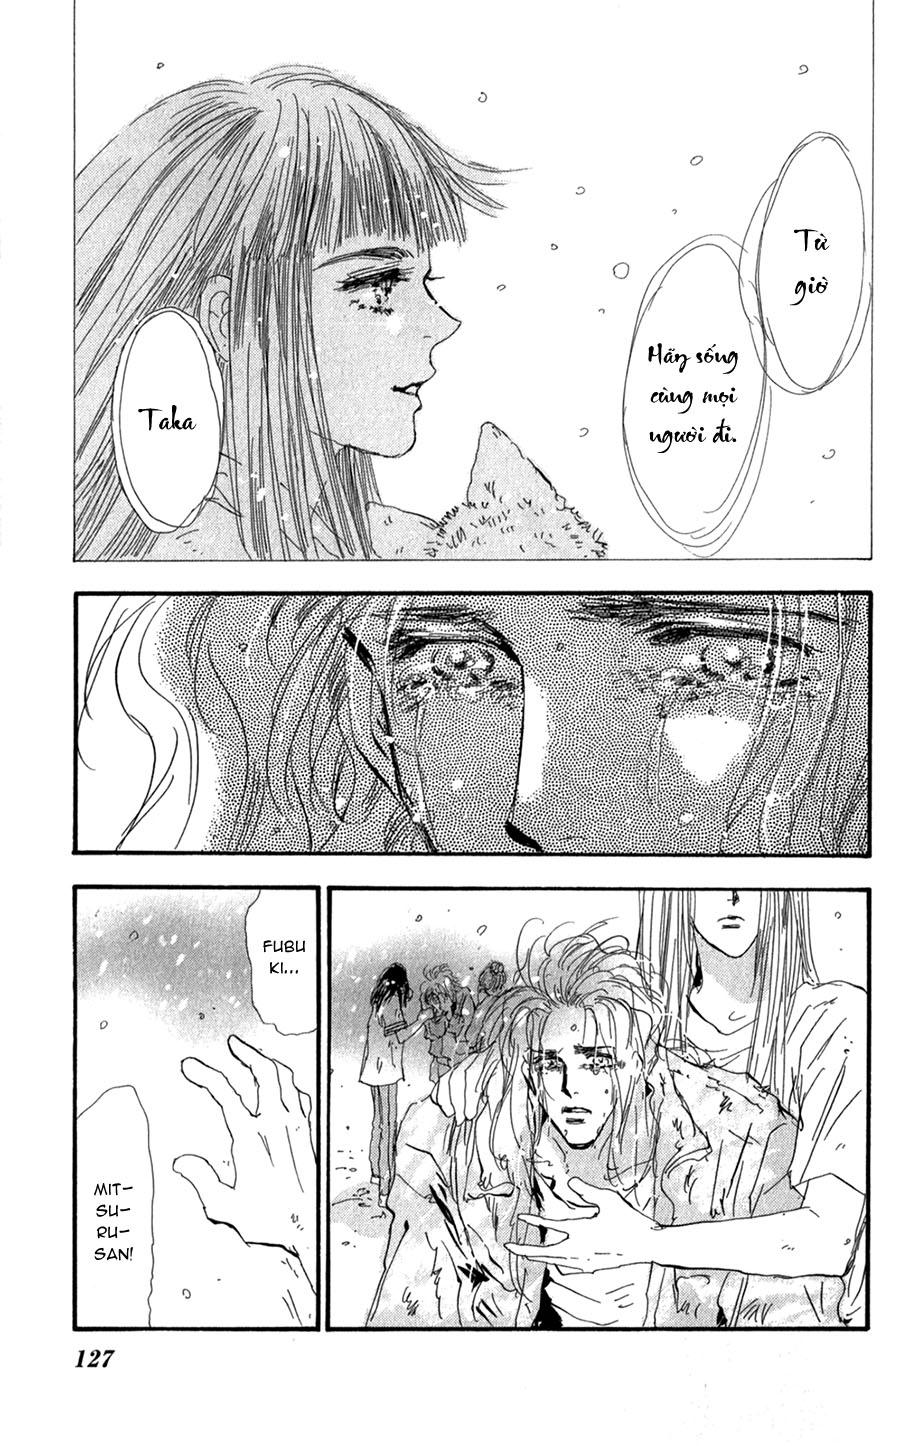 Mầm sống chap 120 - Trang 18